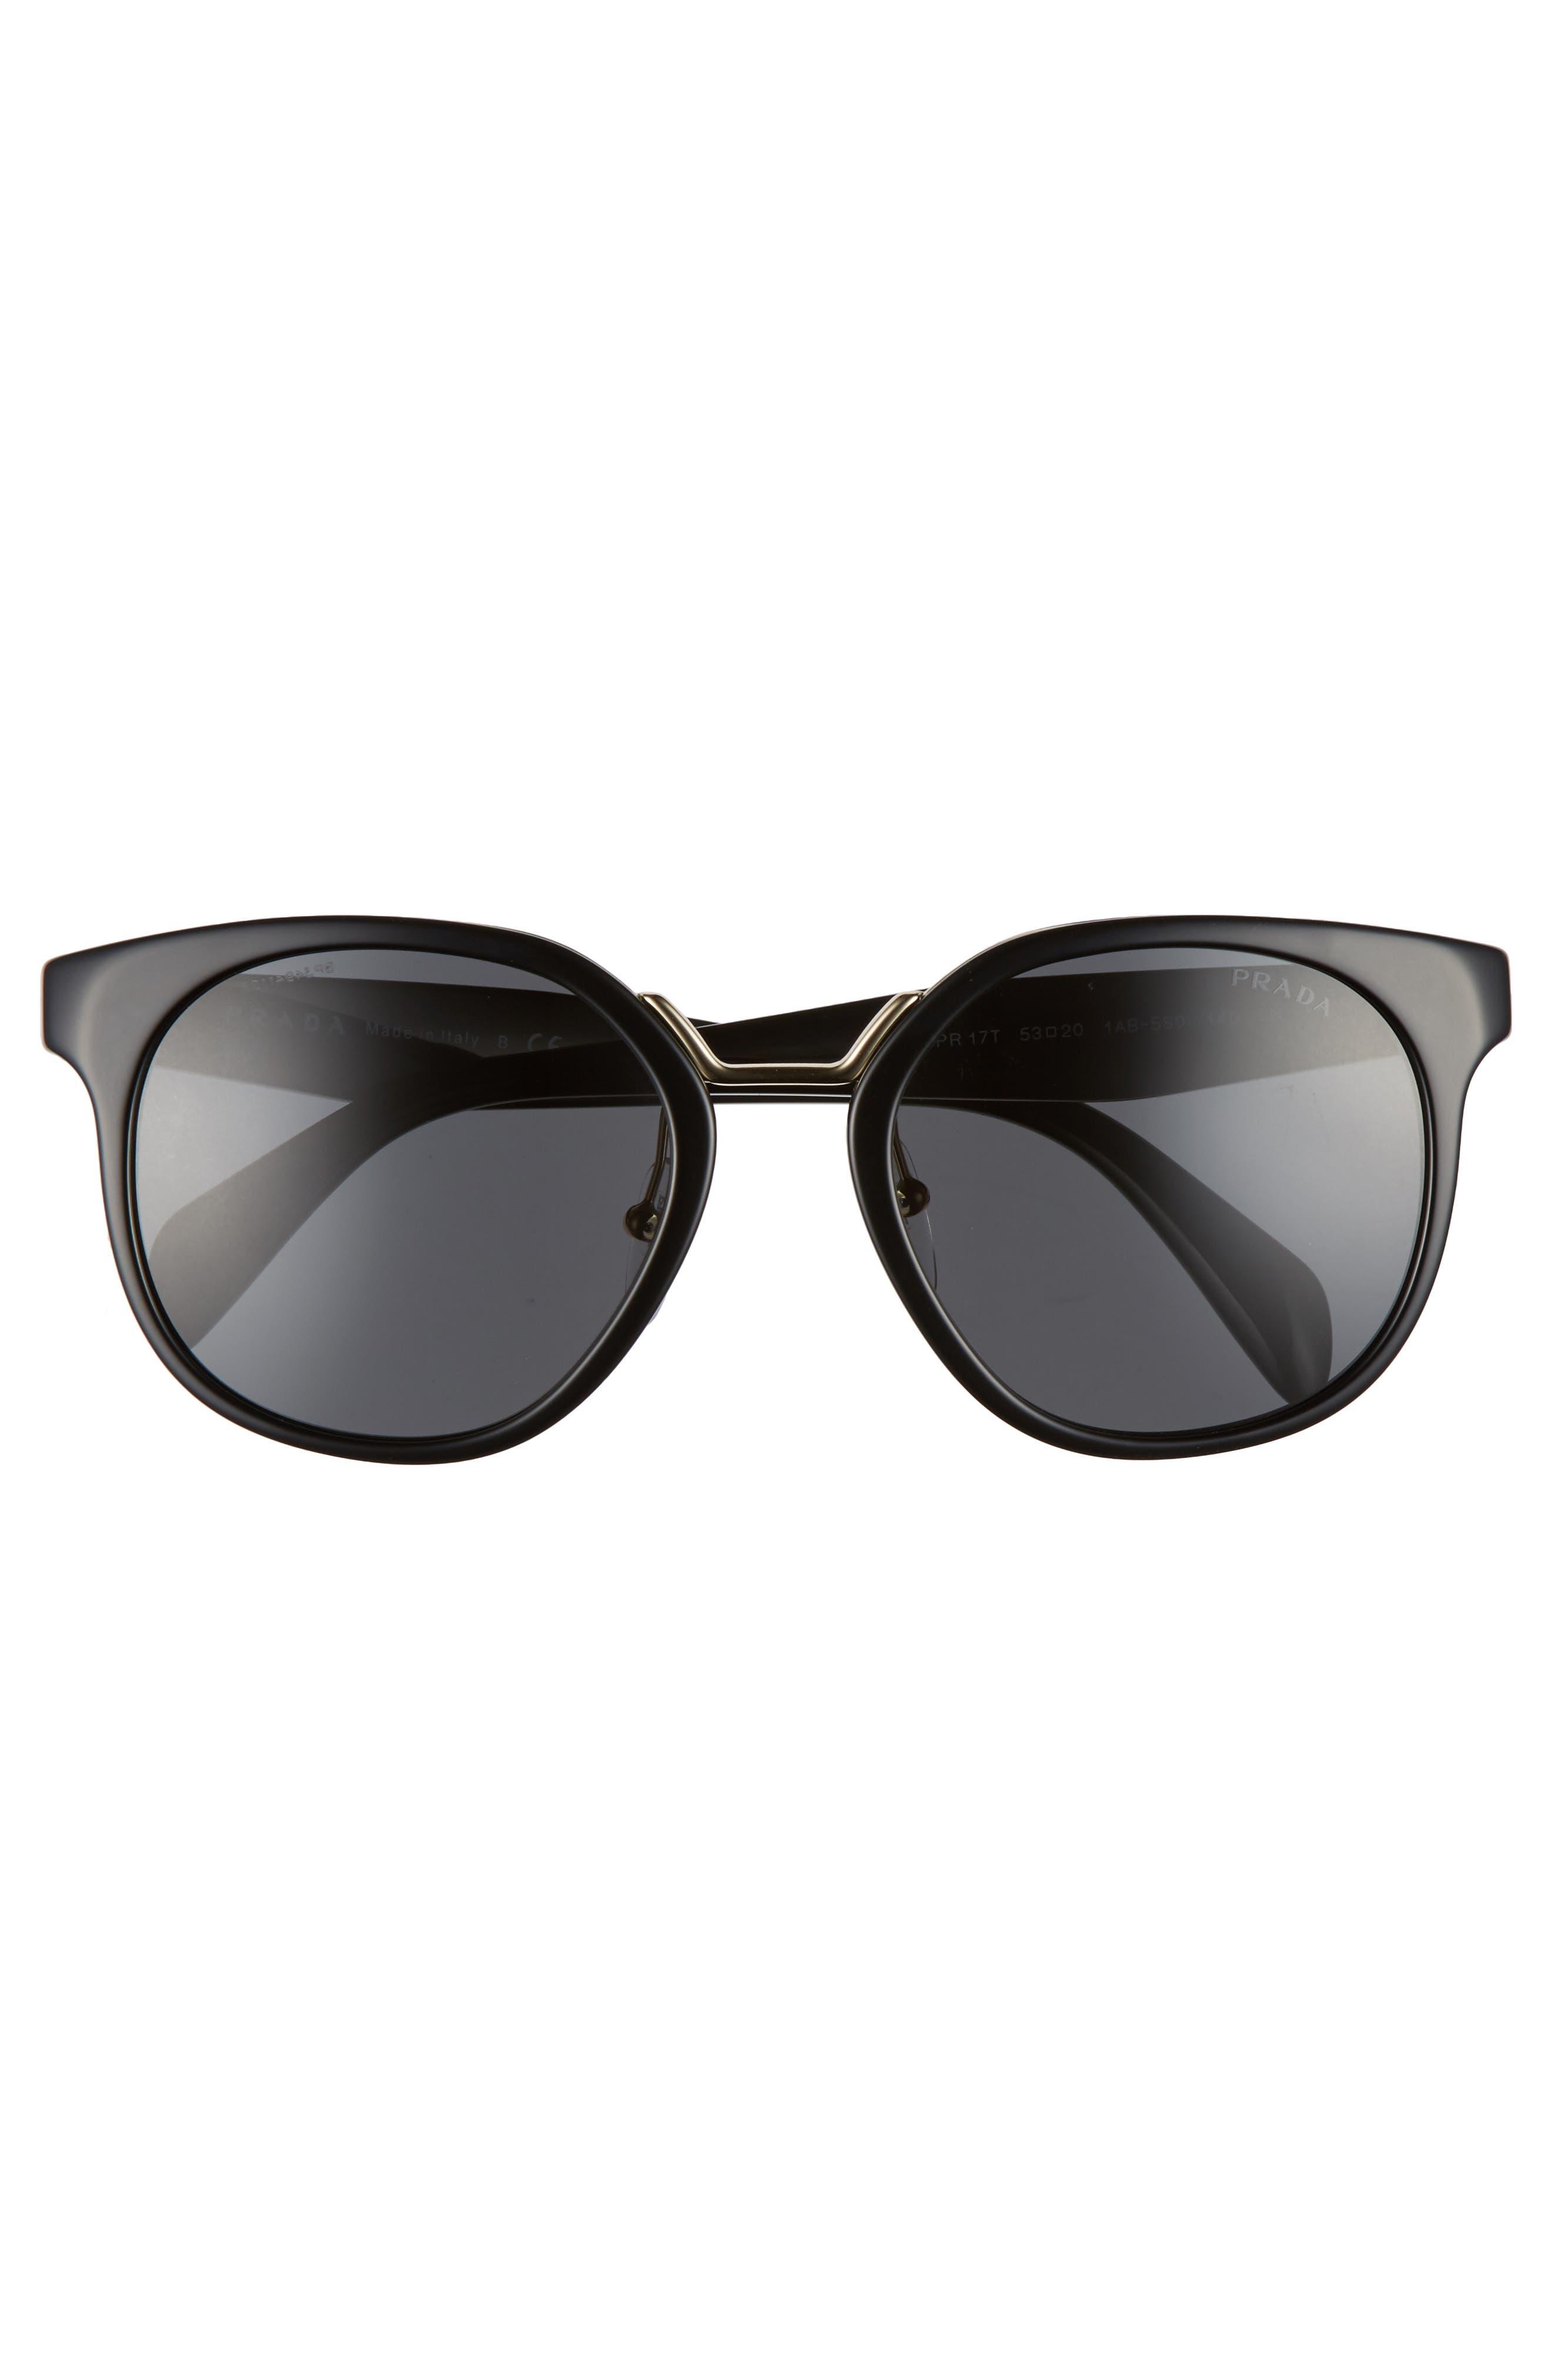 53mm Horn-Rimmed Sunglasses,                             Alternate thumbnail 3, color,                             020